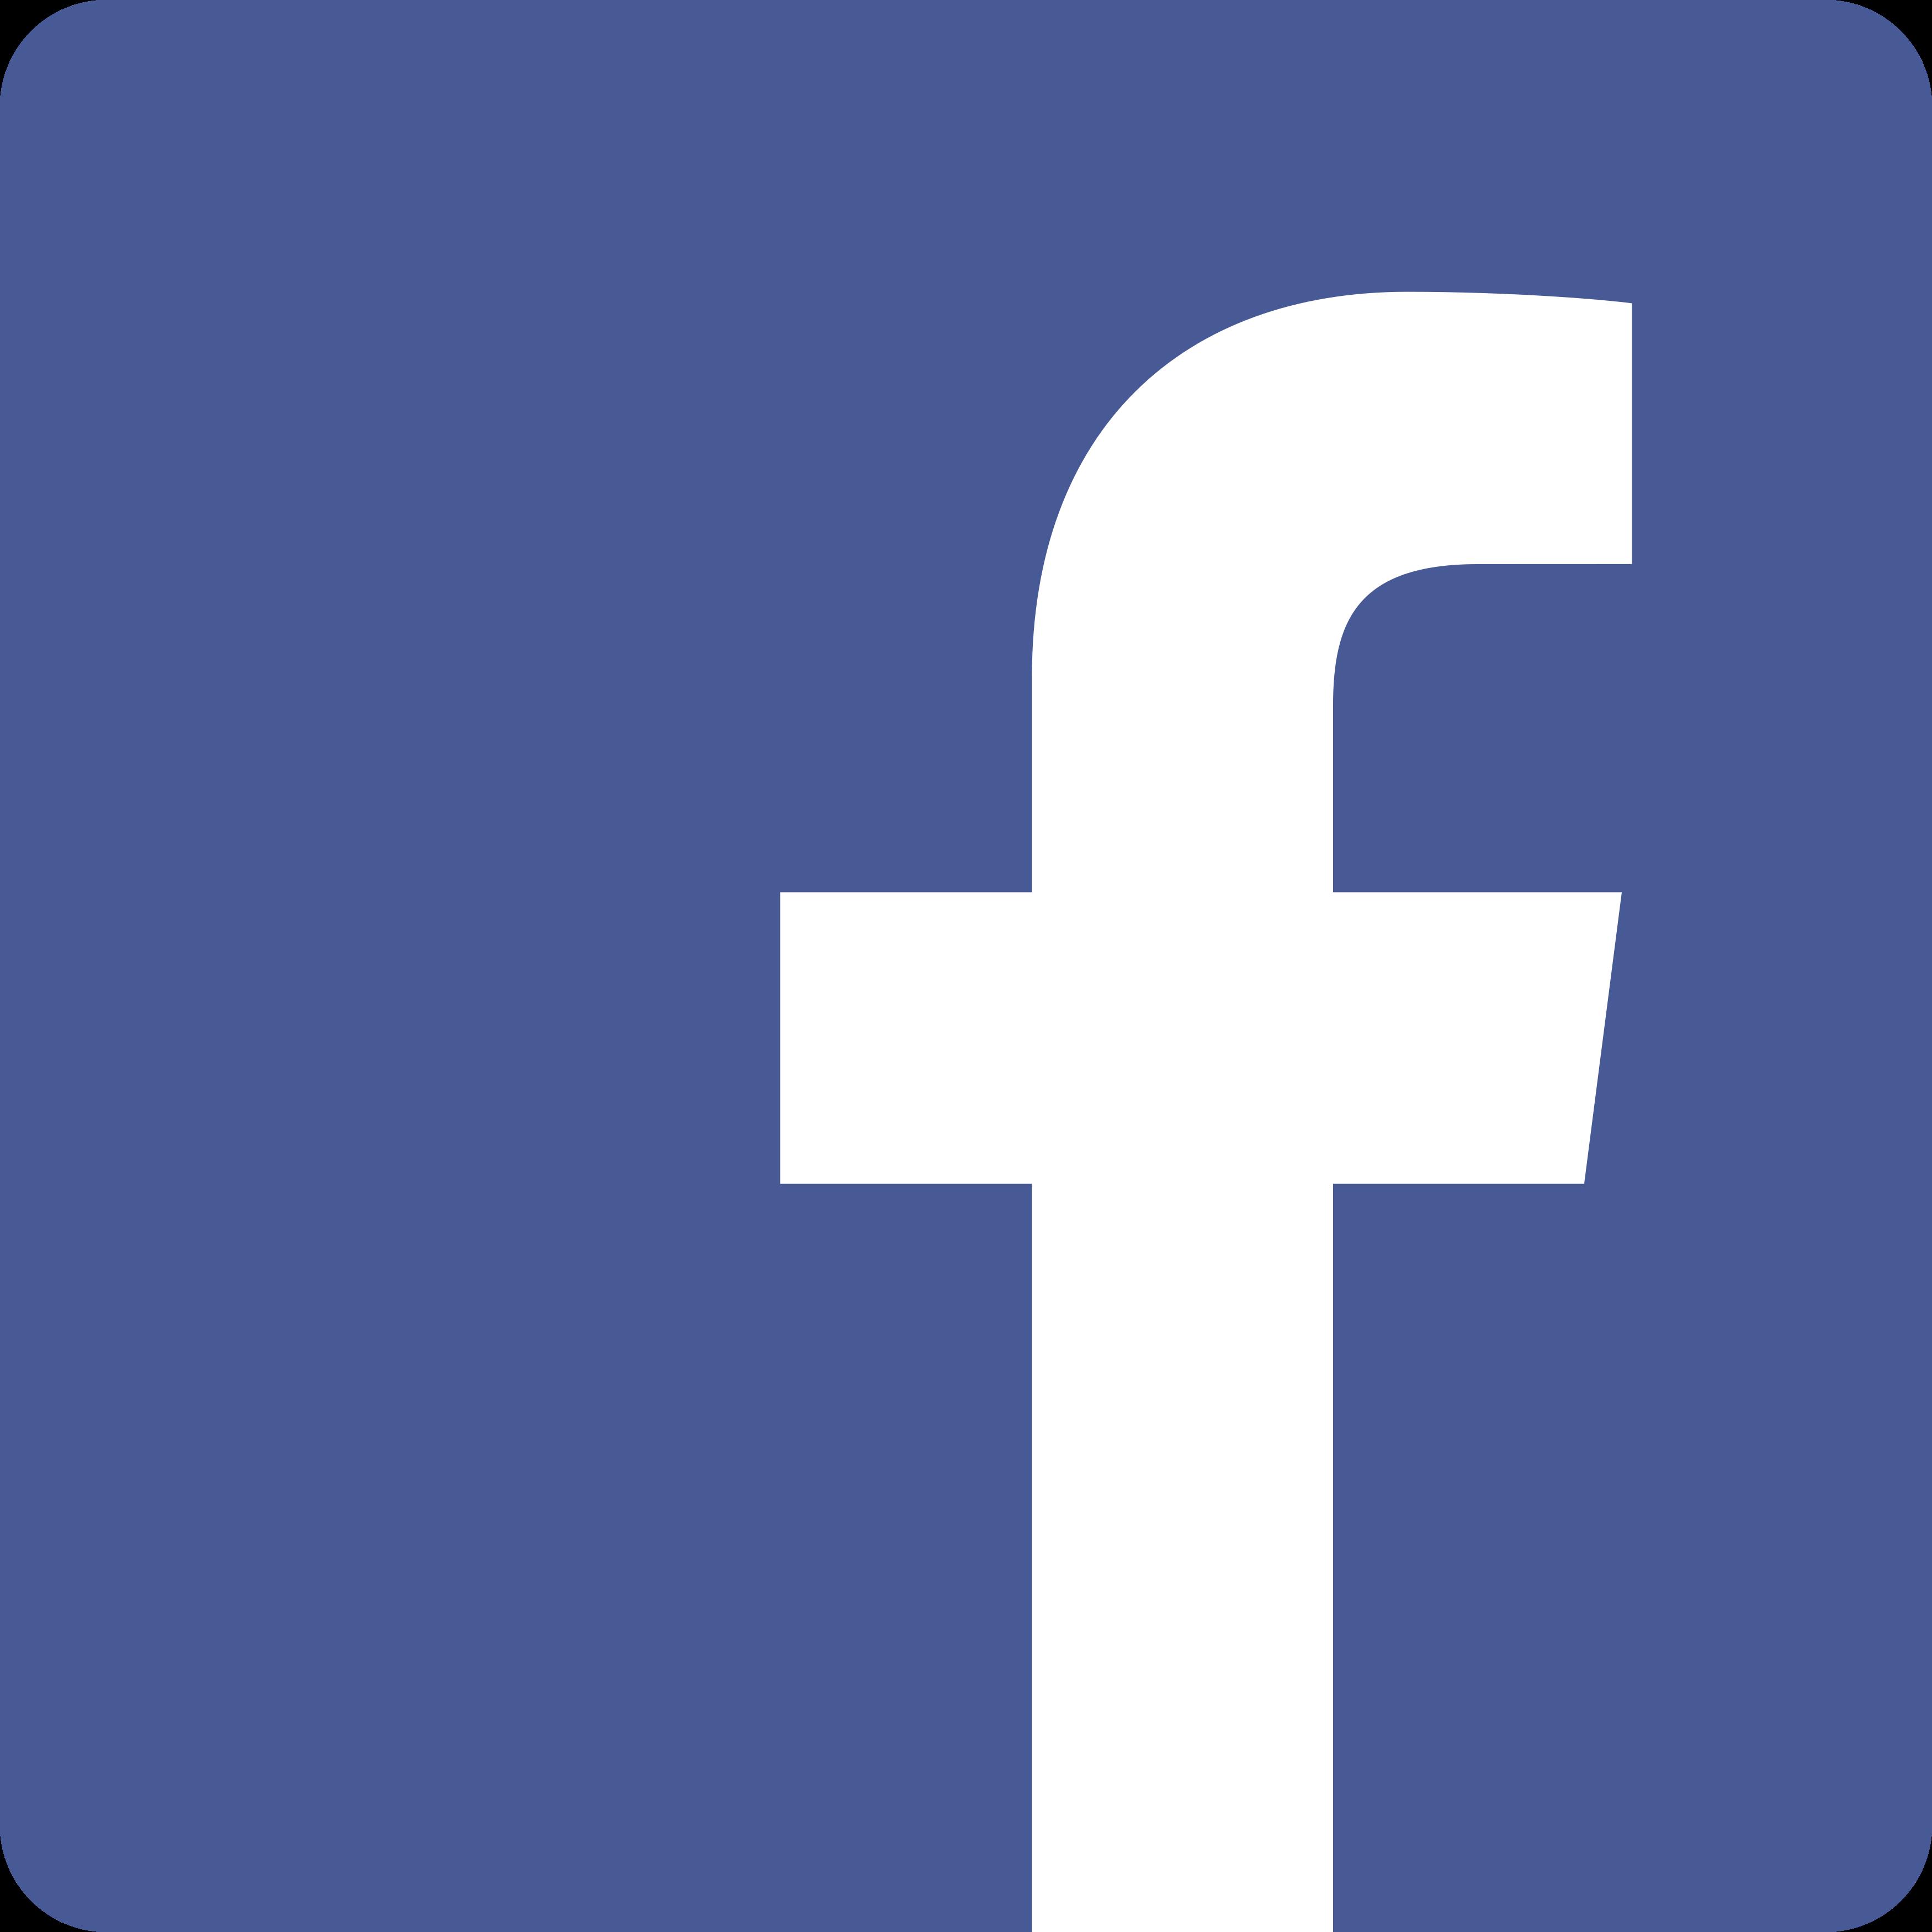 facebook-logo-2-1